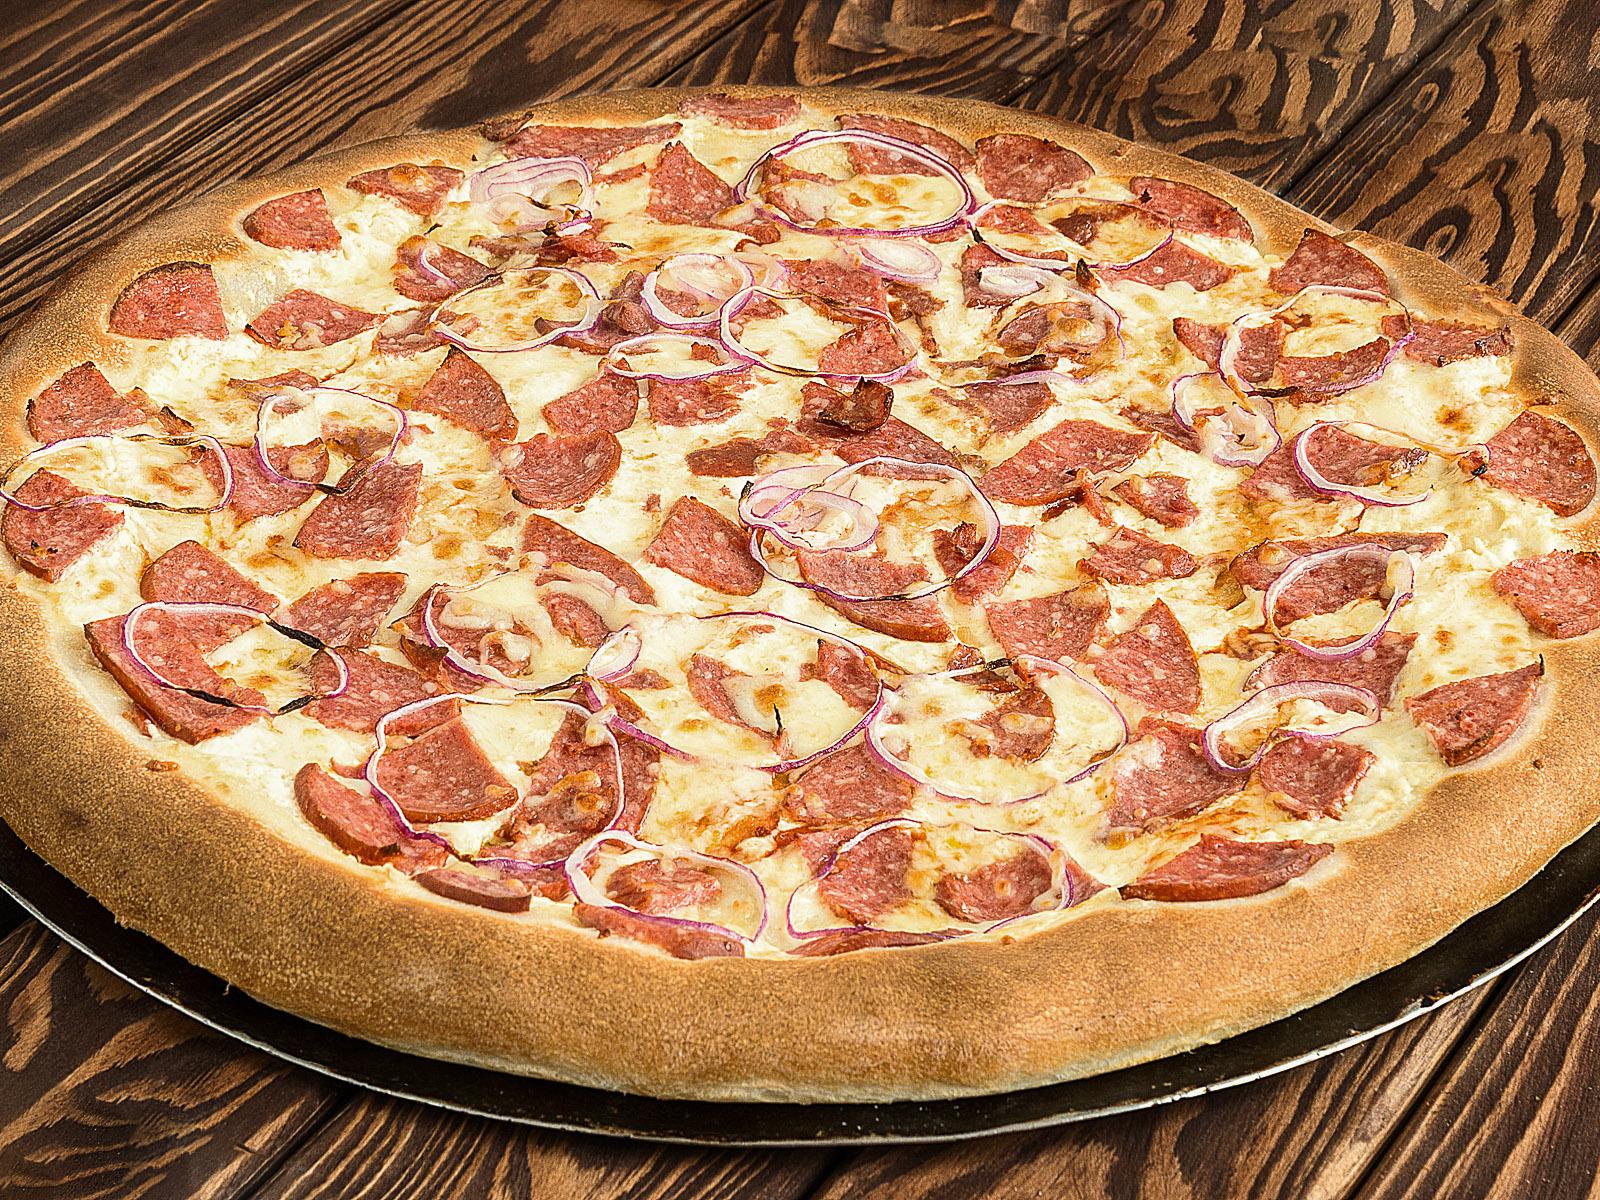 Пицца с колбасой в ресторане Лео